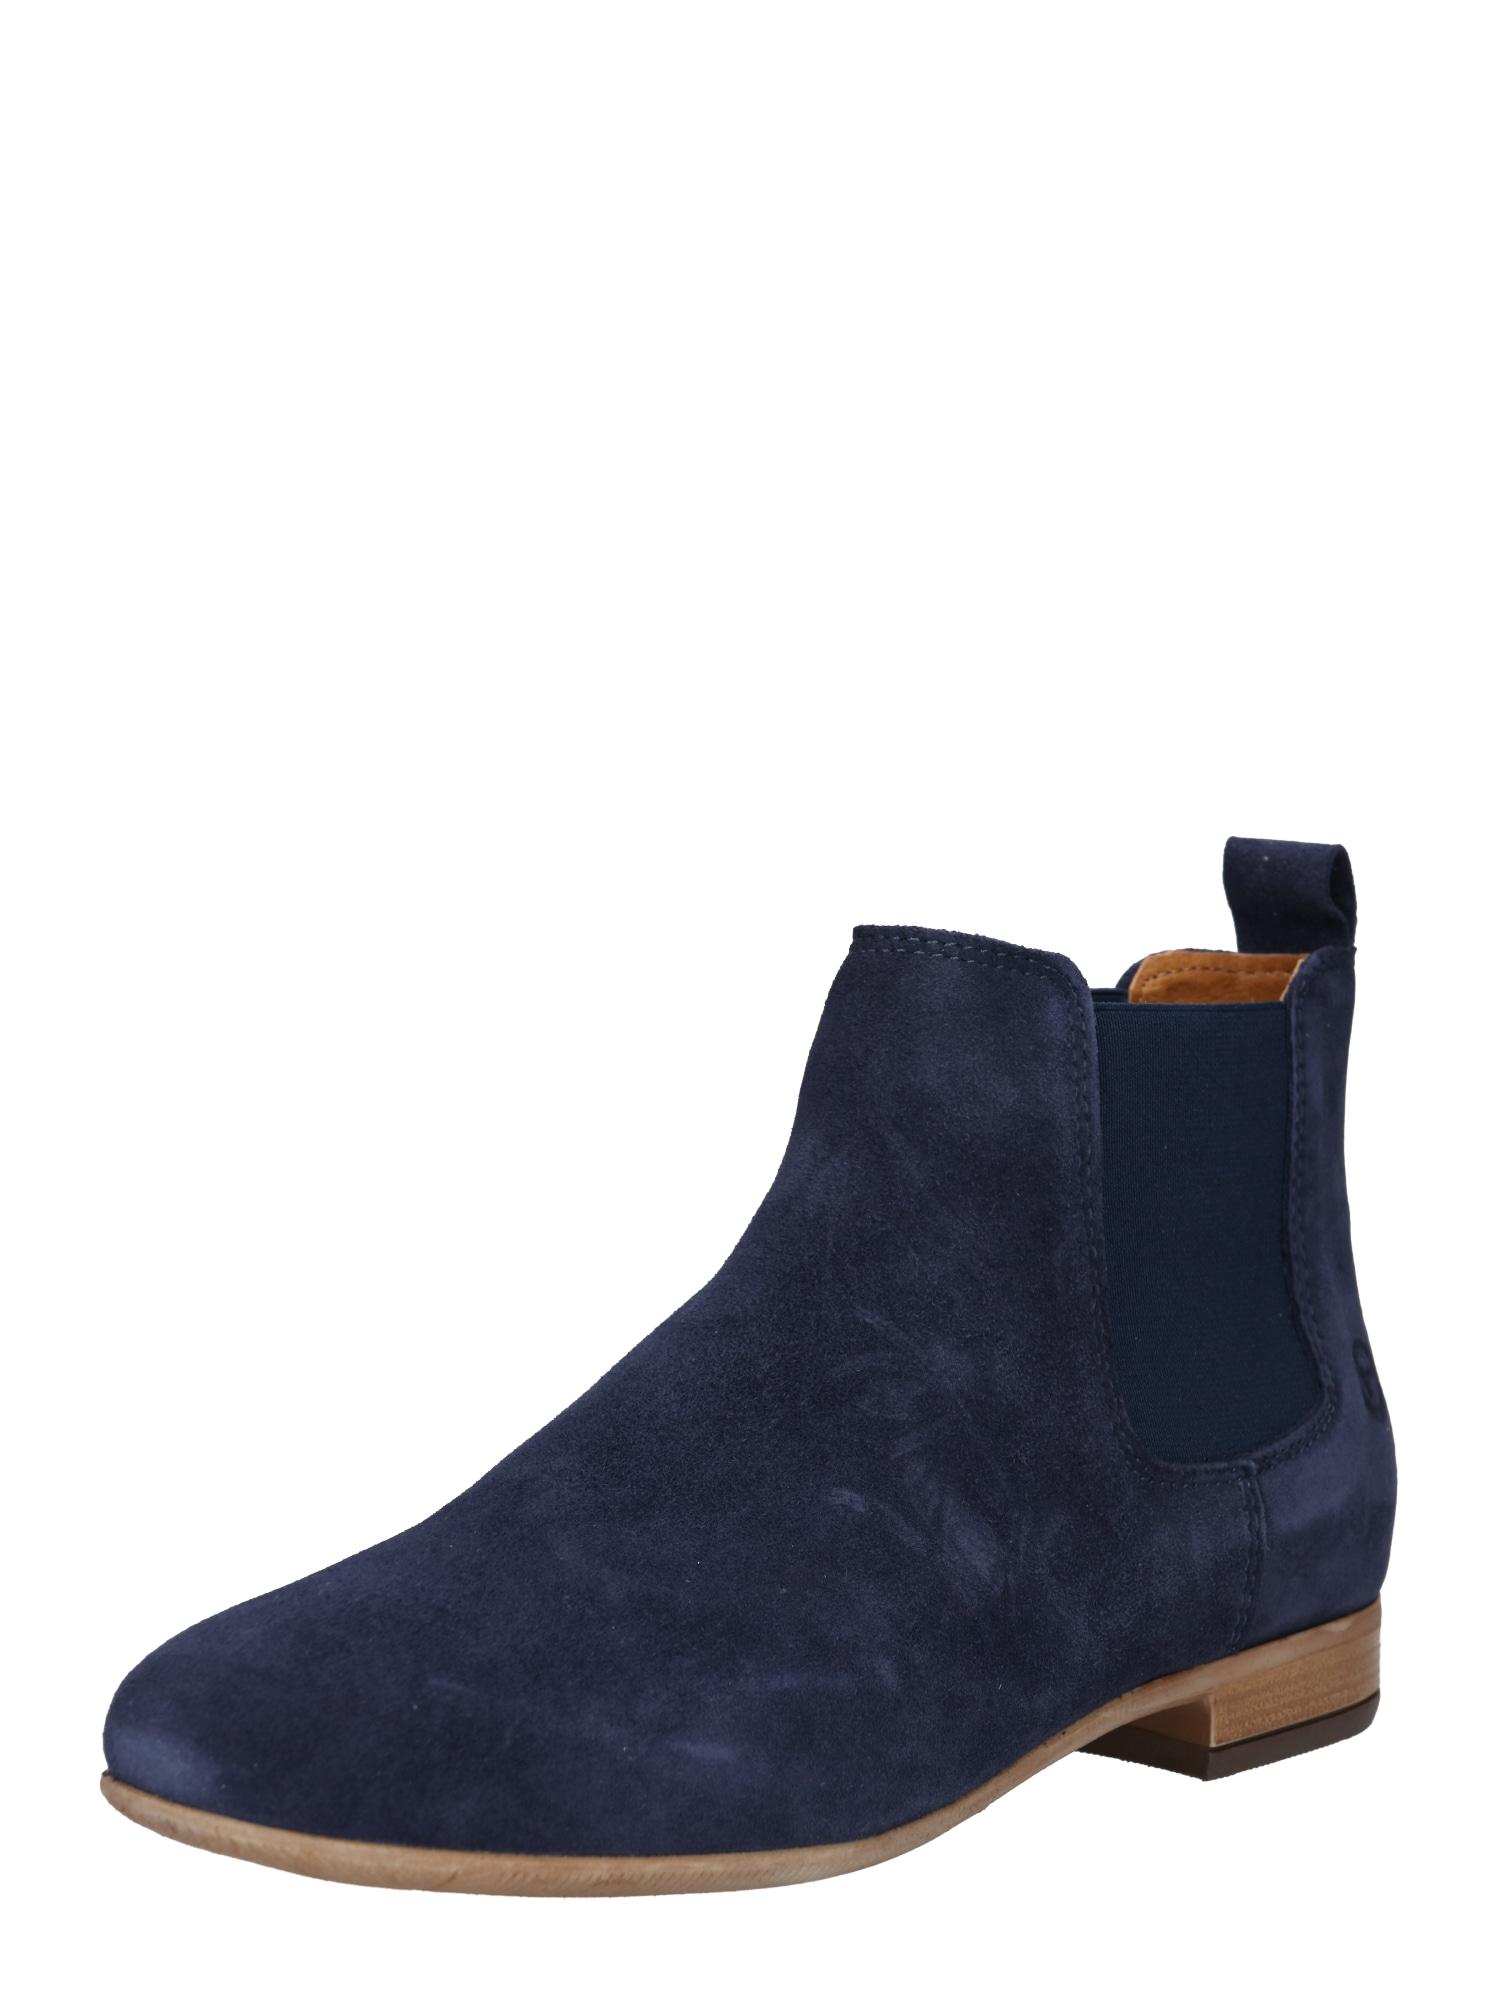 Chelsea boty námořnická modř TAMARIS